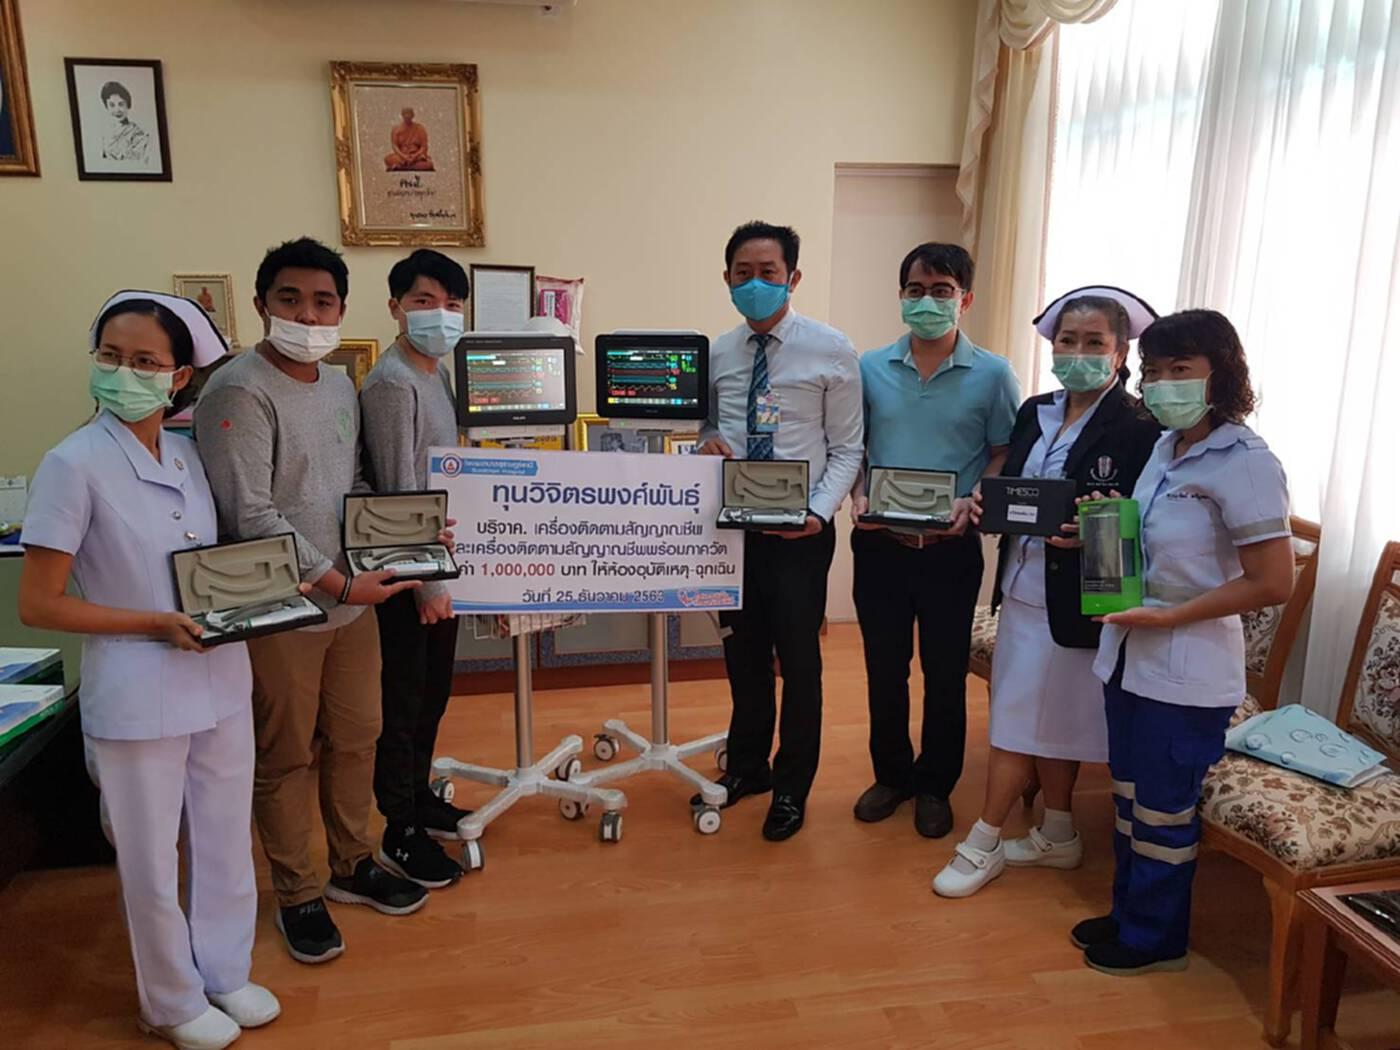 """""""ทุนวิจิตรพงศ์พันธุ์"""" ร่วมสร้างสรรค์และแบ่งปันโอกาสให้สังคมไทย มอบทุนกว่า 56 ล้านบาท"""